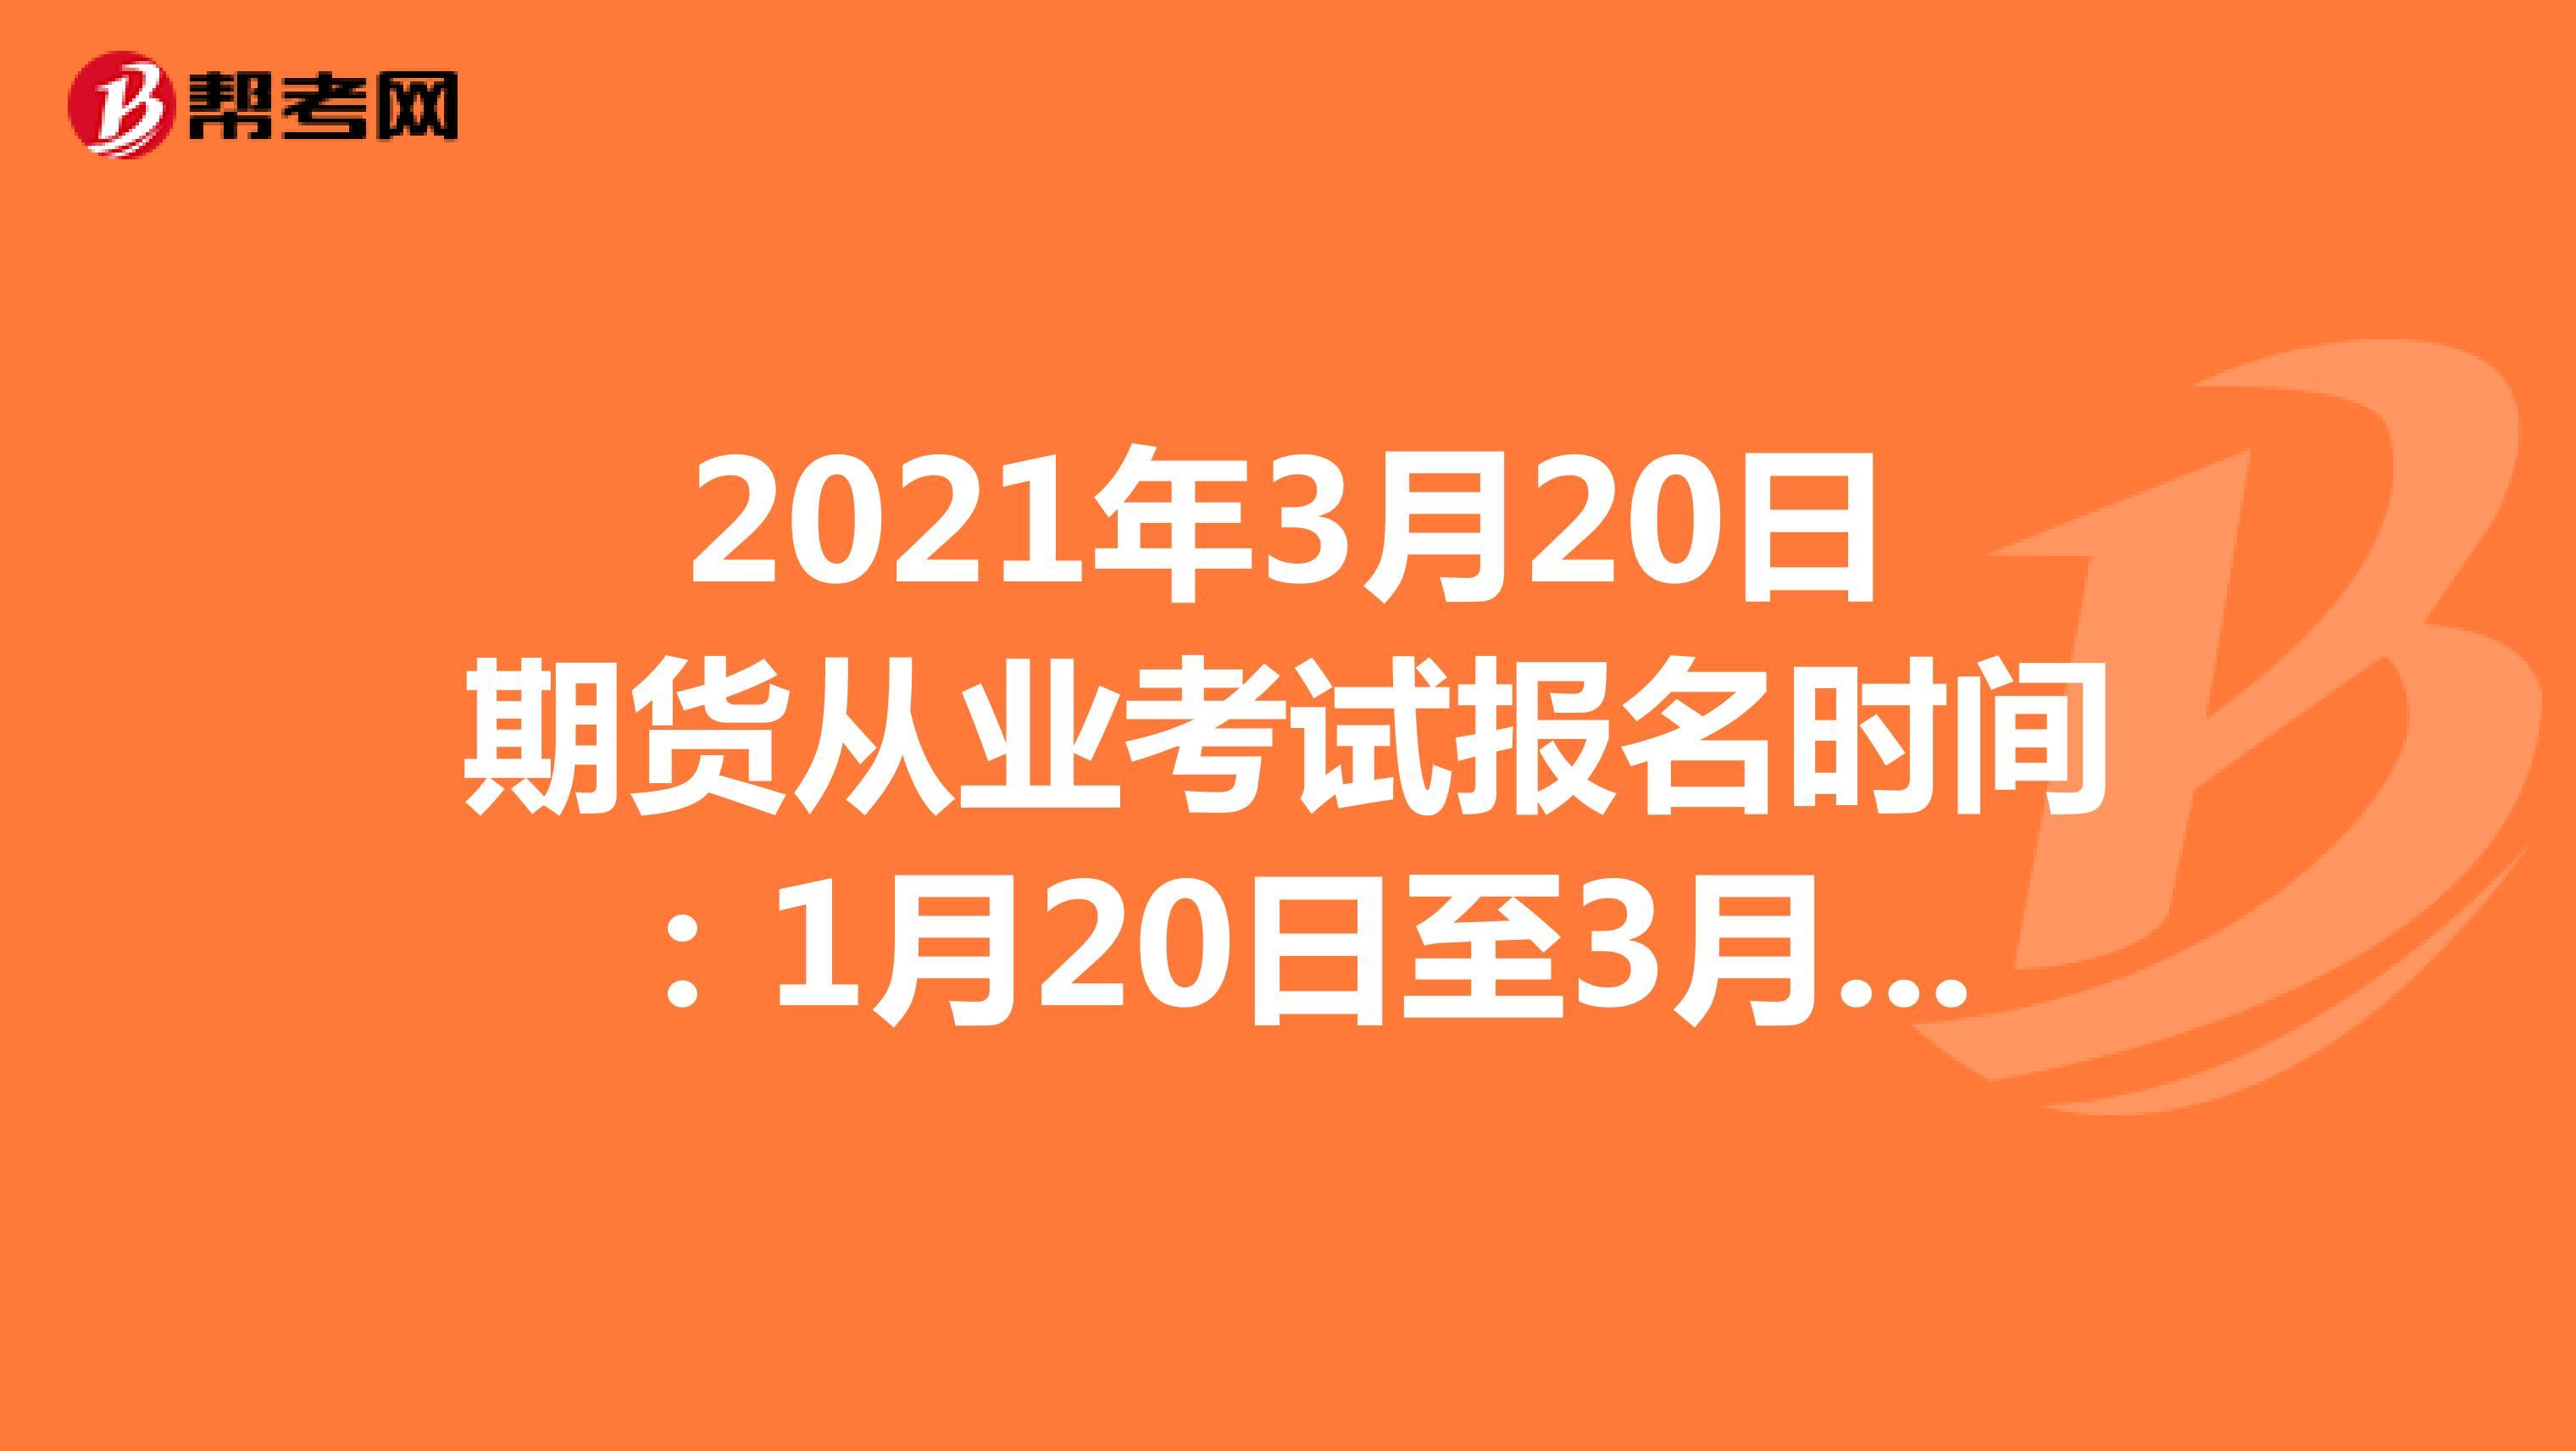 2021年3月20日期货从业考试报名时间:1月20日至3月2日